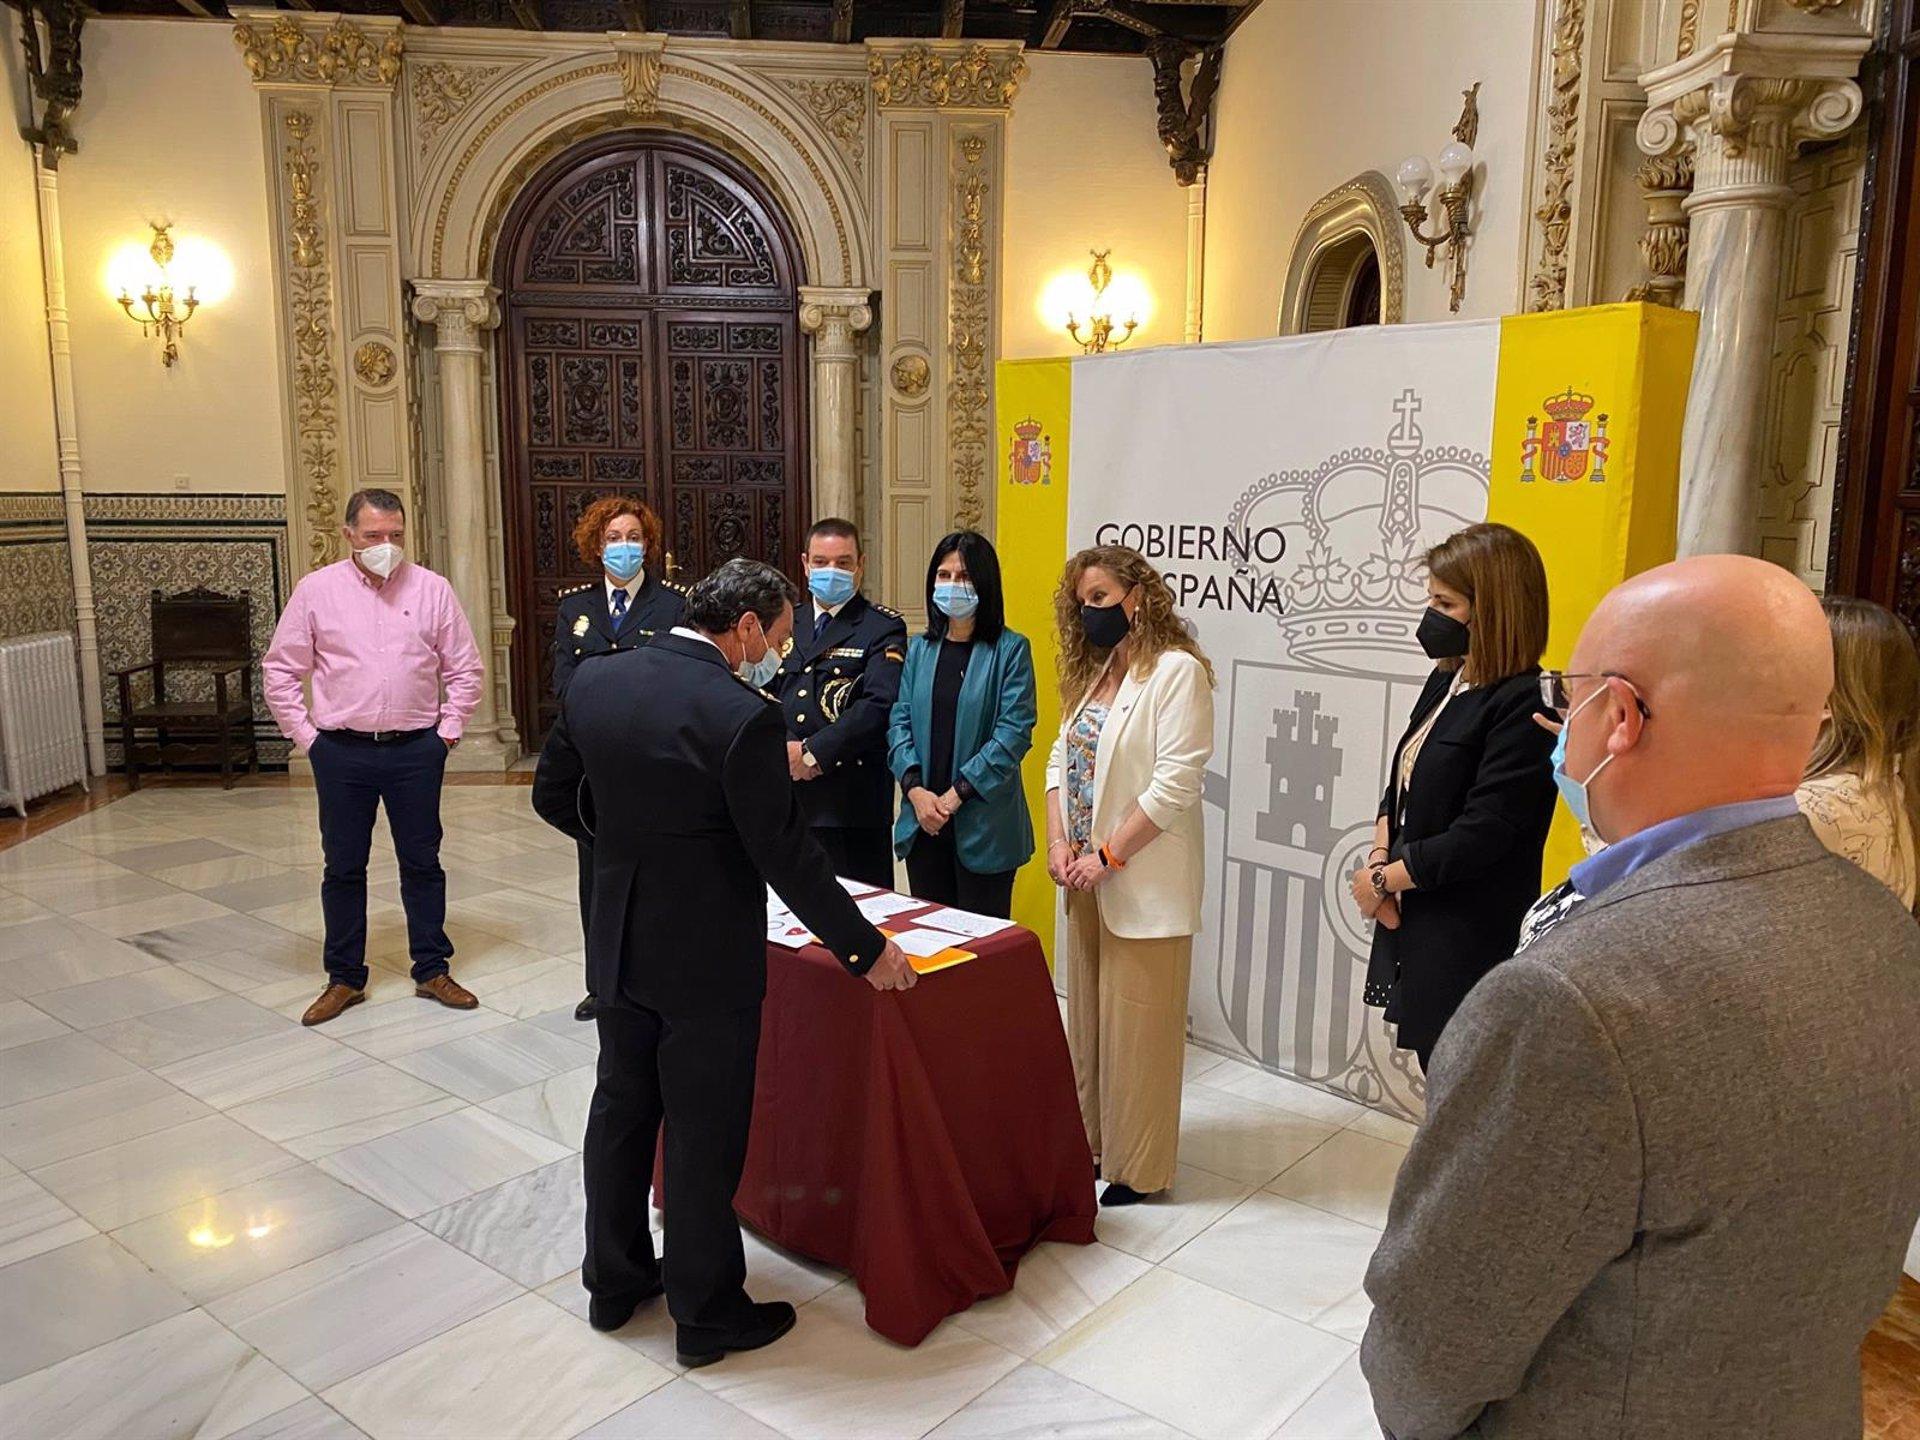 Escolares del centro Jardín de la Reina muestran su apoyo a las víctimas de violencia de género con cartas